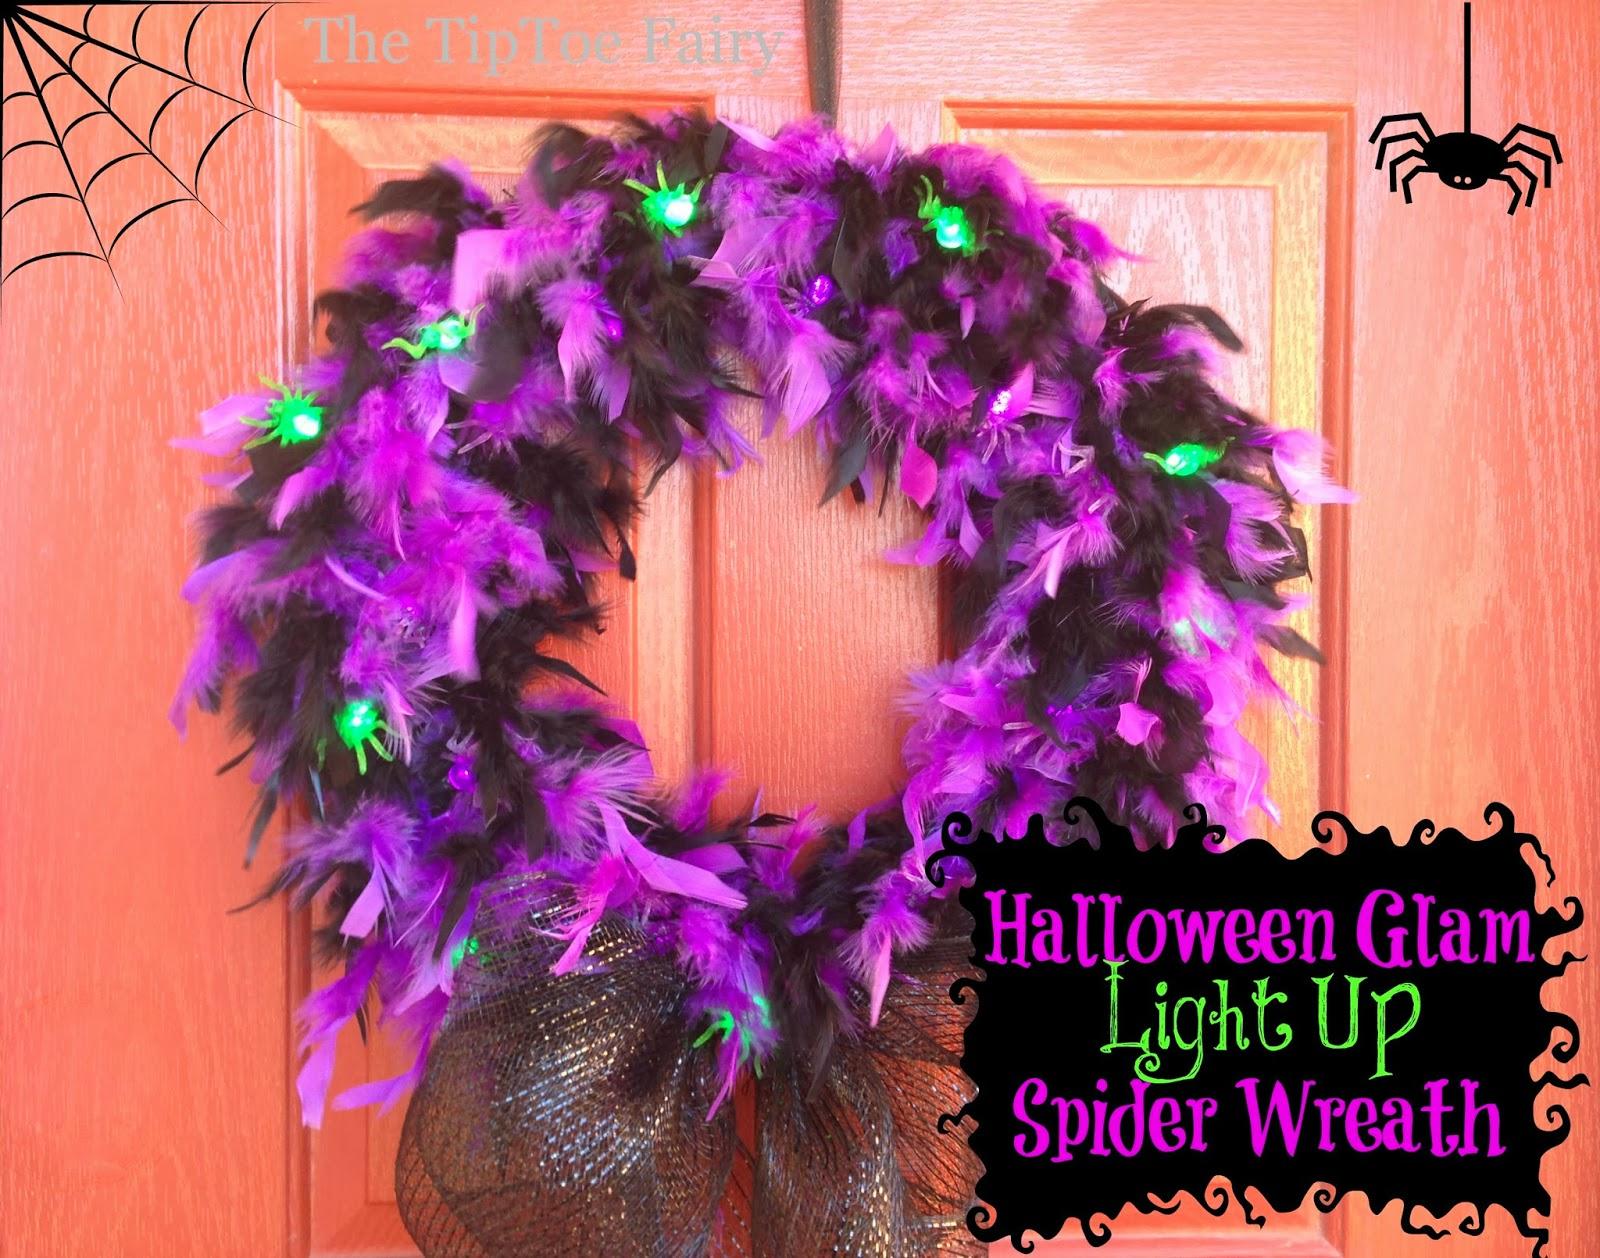 Halloween glam spider wreath